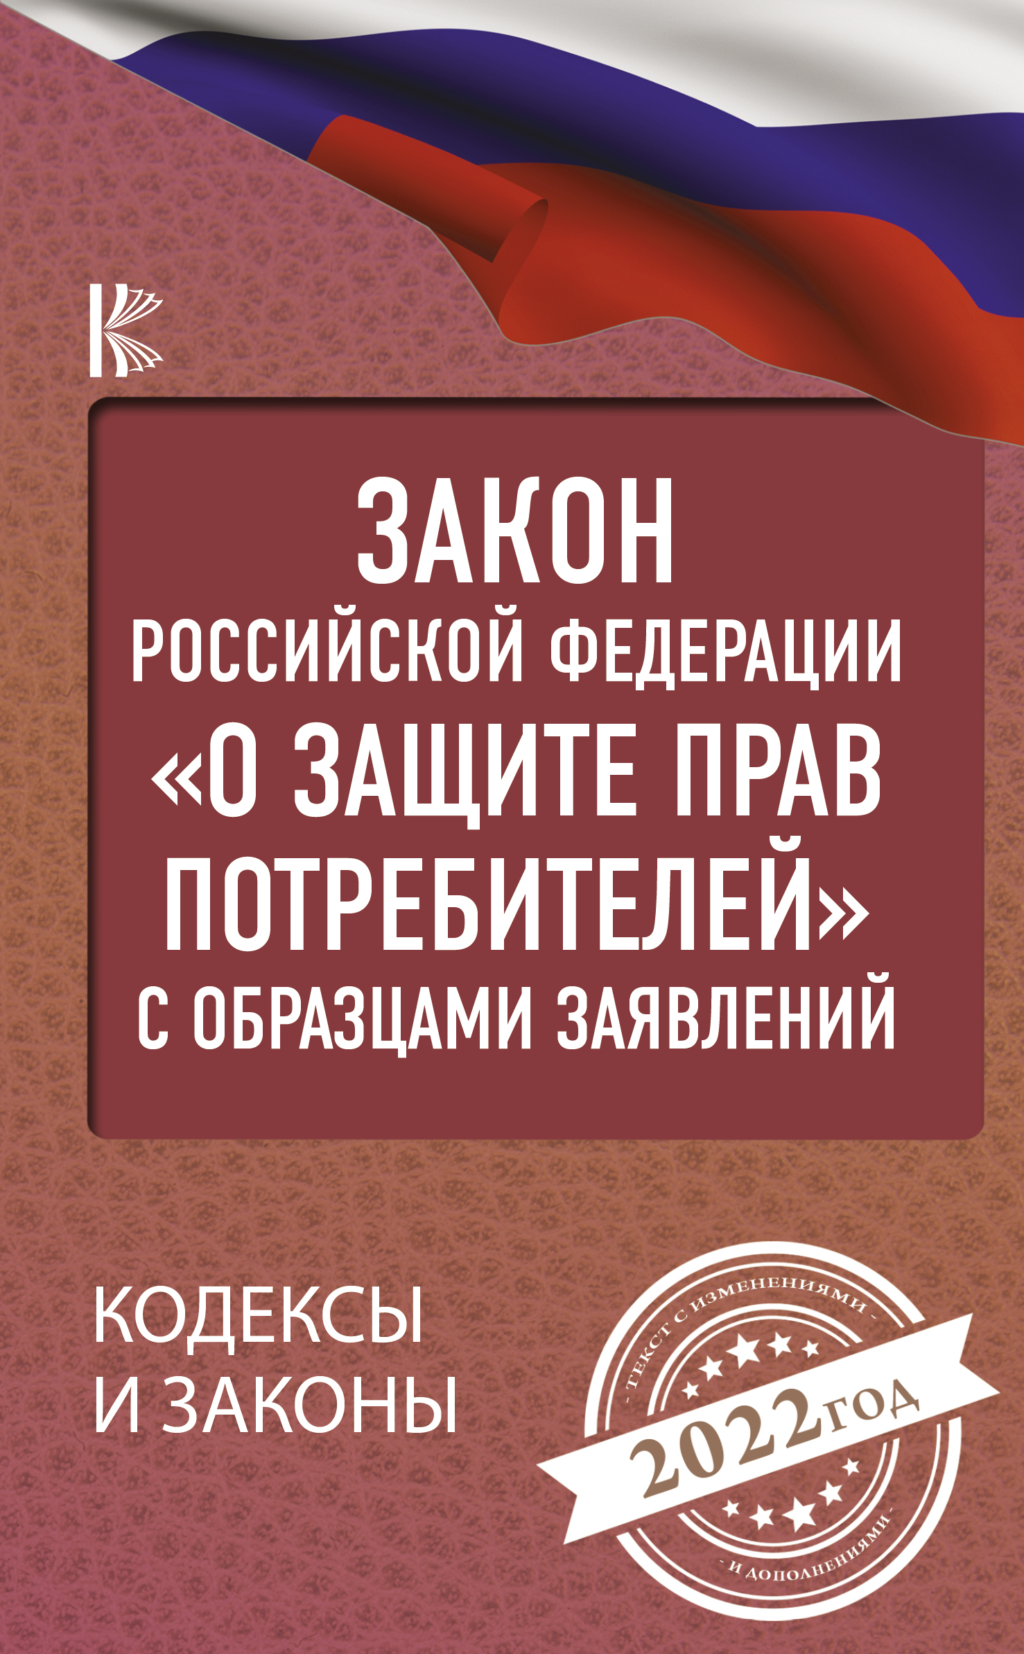 Нормативные правовые акты Закон Российской Федерации «О защите прав потребителей» с образцами заявлений на 2019 год